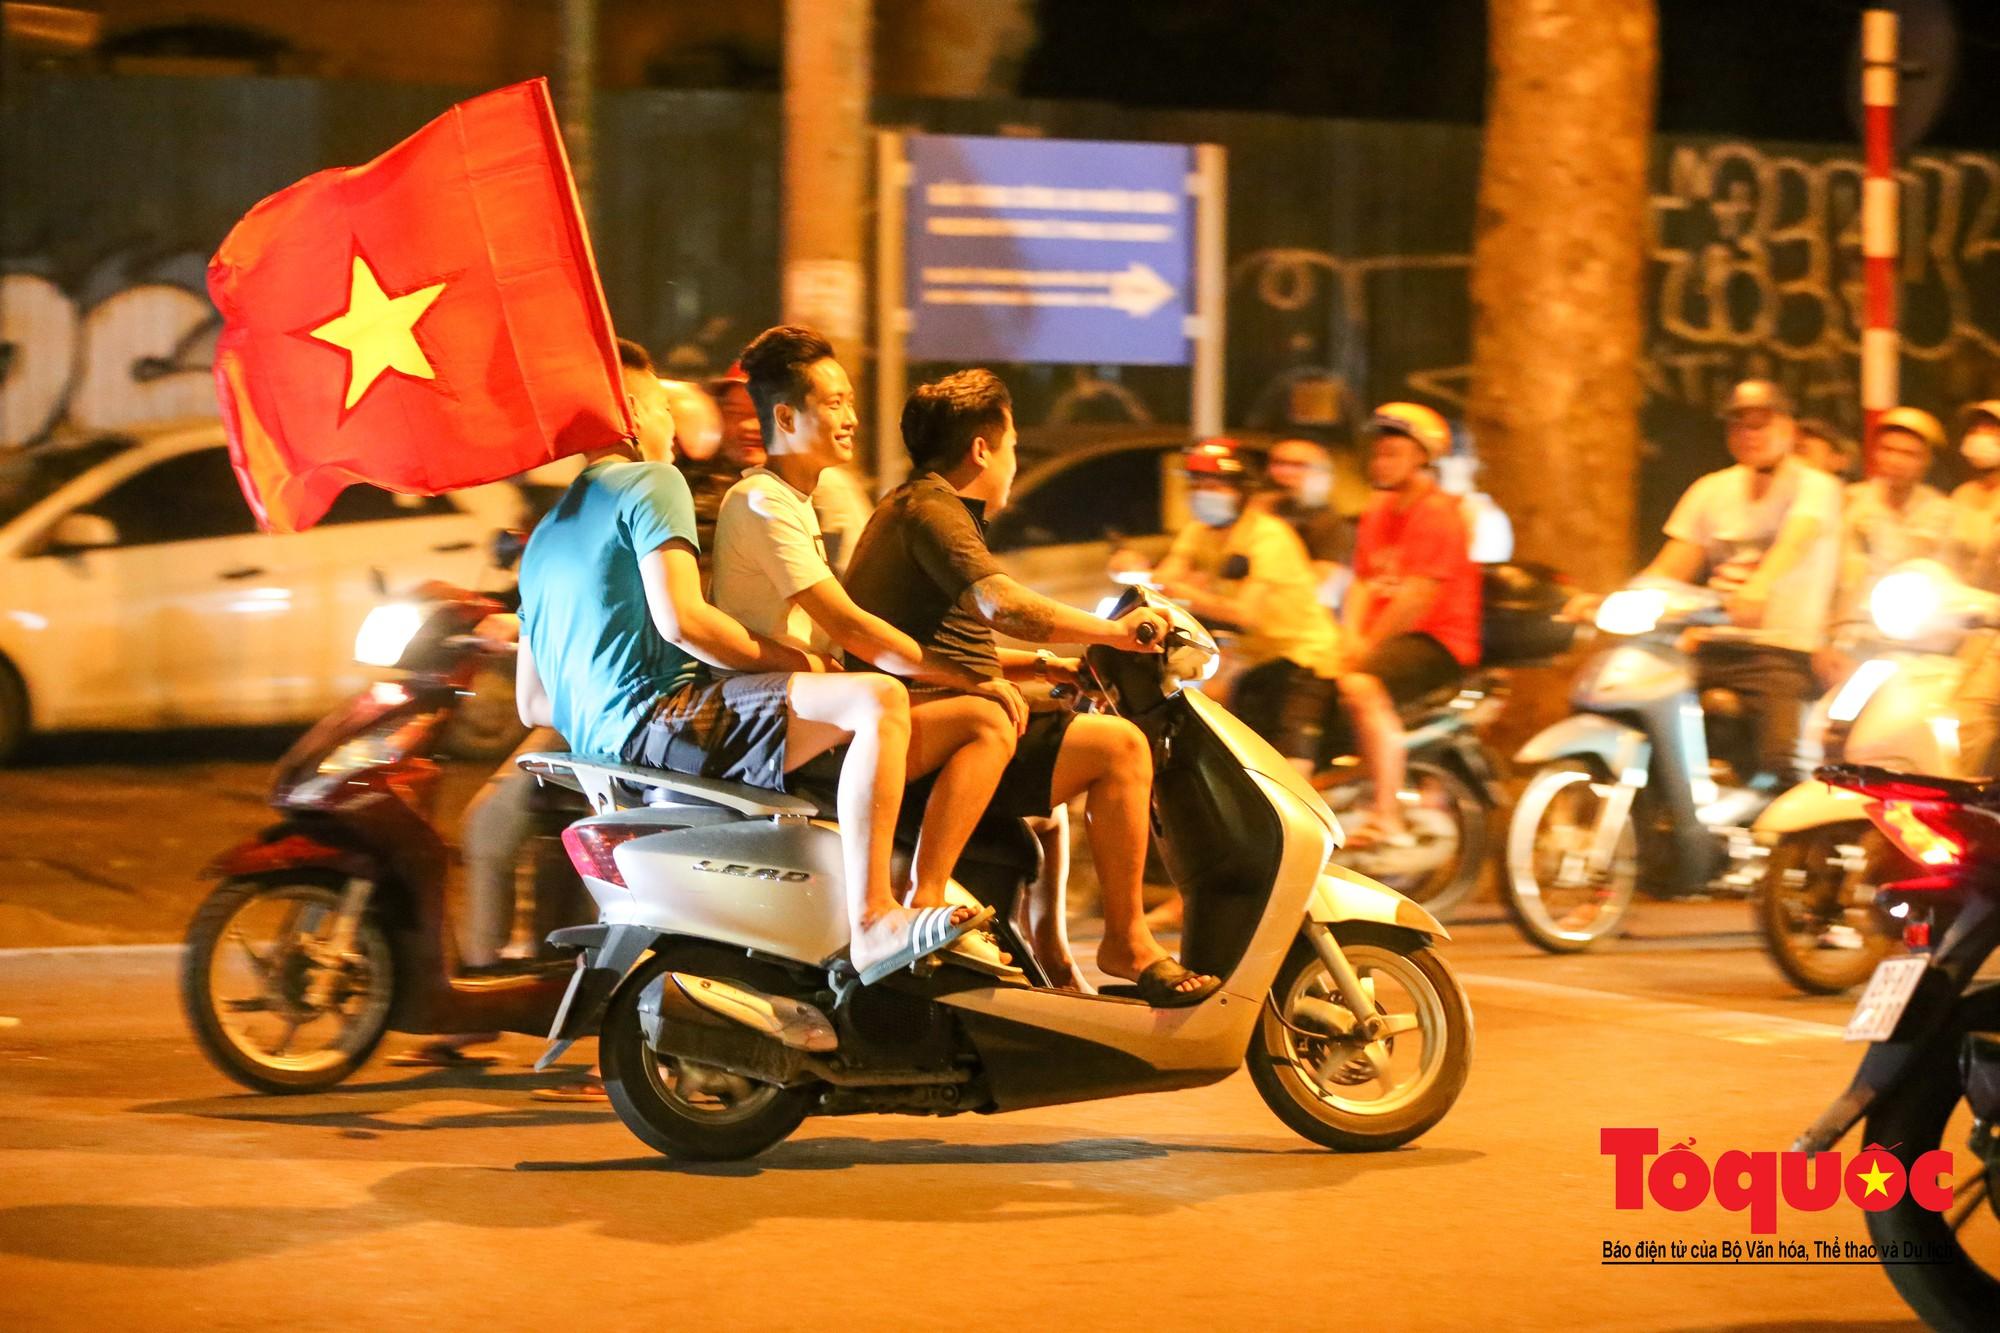 Hàng ngàn CĐV xuống đường mừng chiến thắng của đội tuyển Việt Nam2